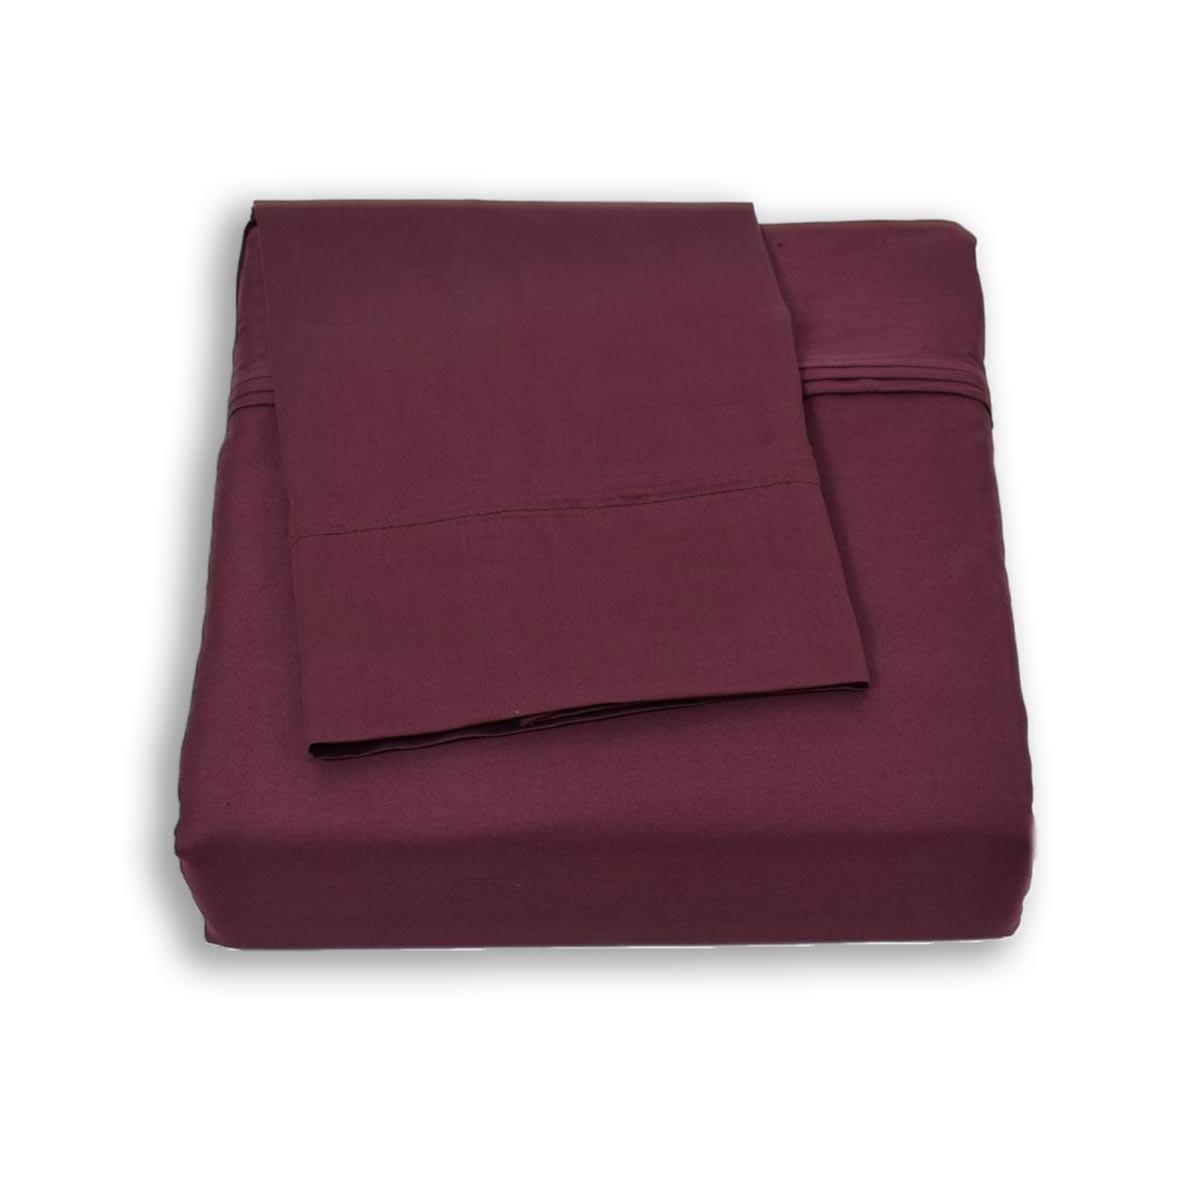 Σεντόνια Υπέρδιπλα (Σετ) BW Satin Cotton Purple